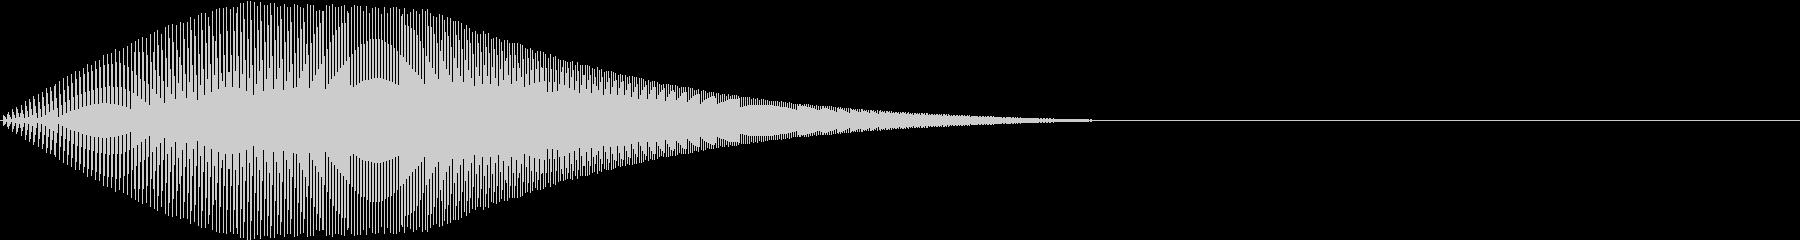 Mario マリオ風ジャンプ音 1の未再生の波形